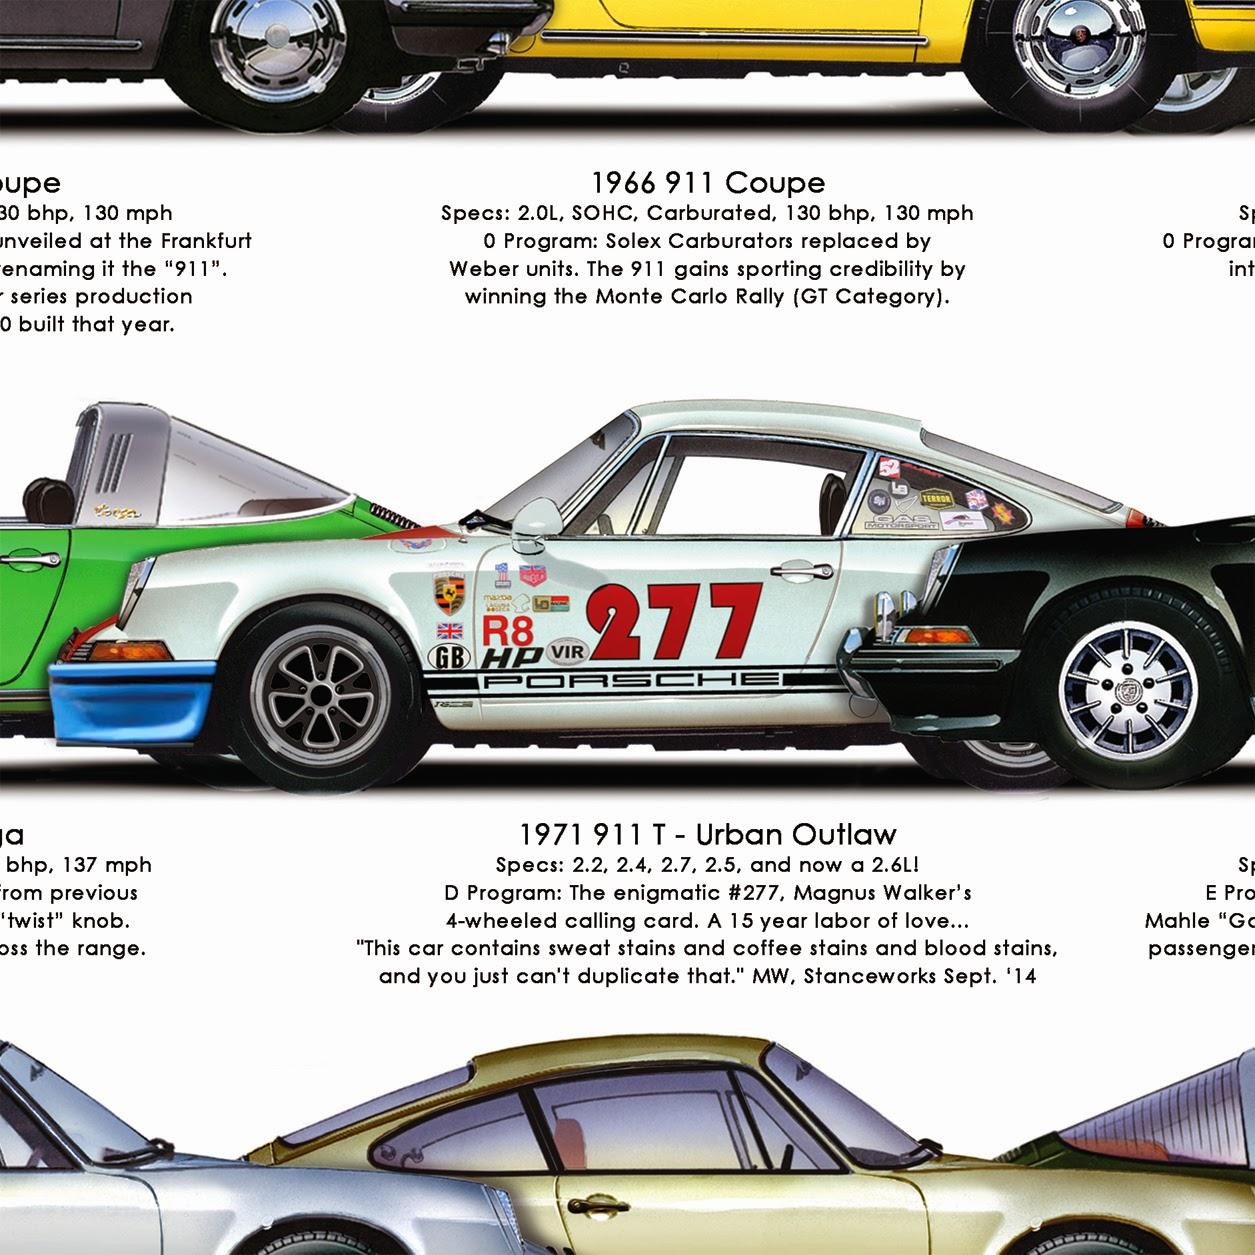 Cars silver racer poster 2 - Magnuswalker911